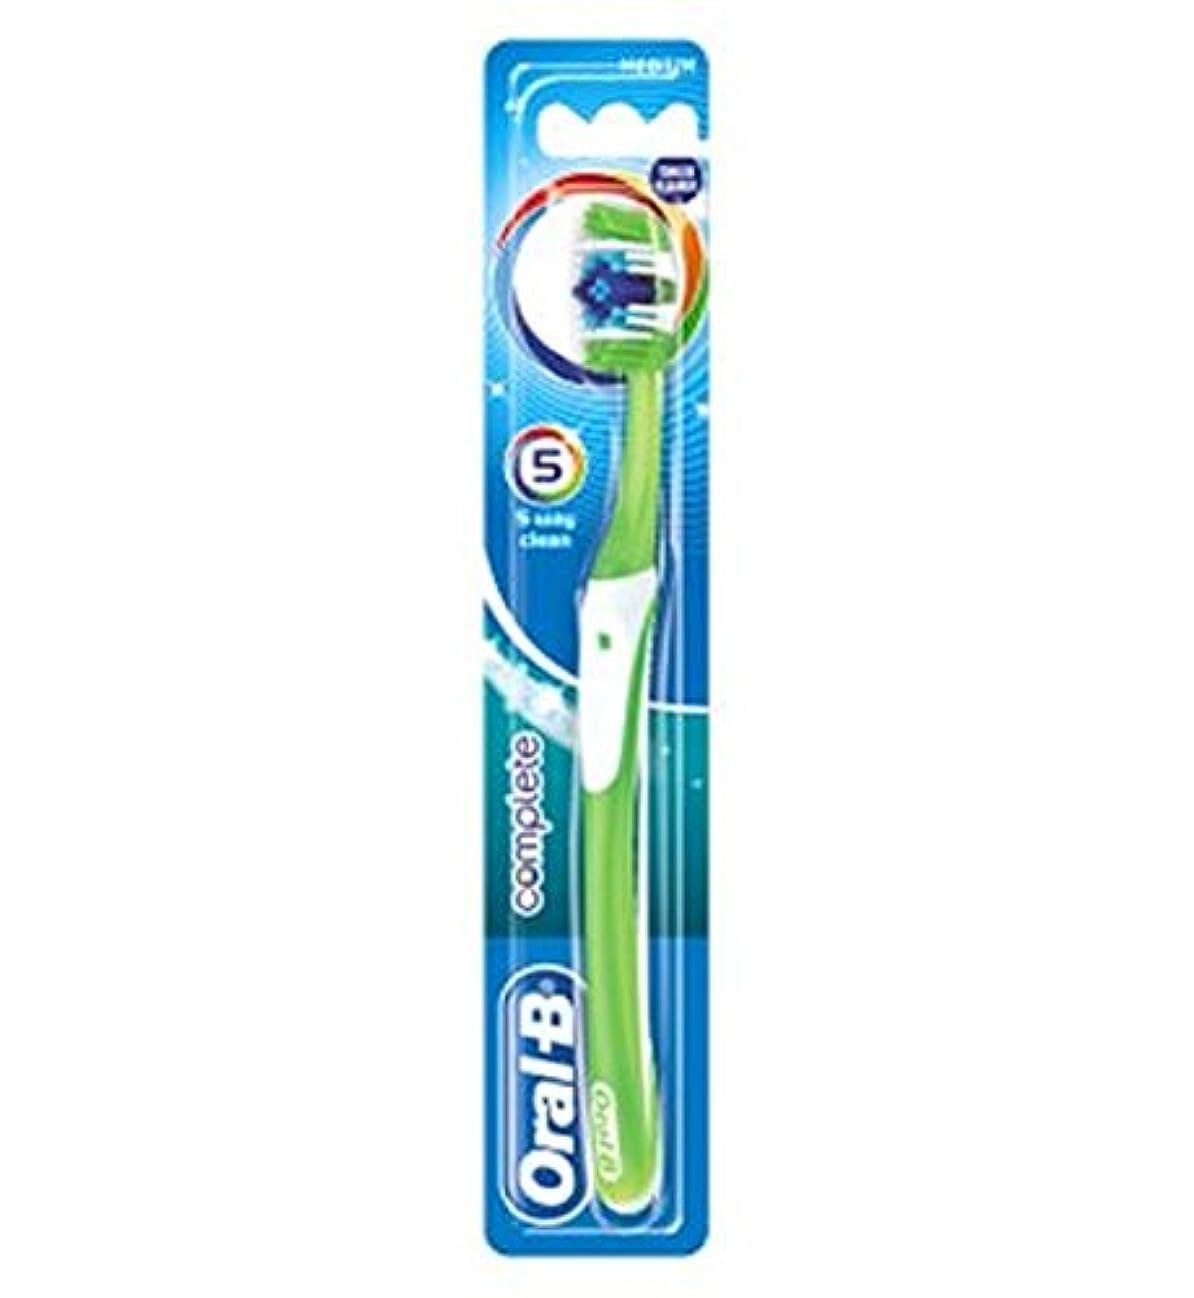 多用途ポインタテレックスOral-B Complete 5 Way Clean Medium Manual Toothbrush - オーラルBの完全な5道クリーンなメディアの手動歯ブラシ (Oral B) [並行輸入品]